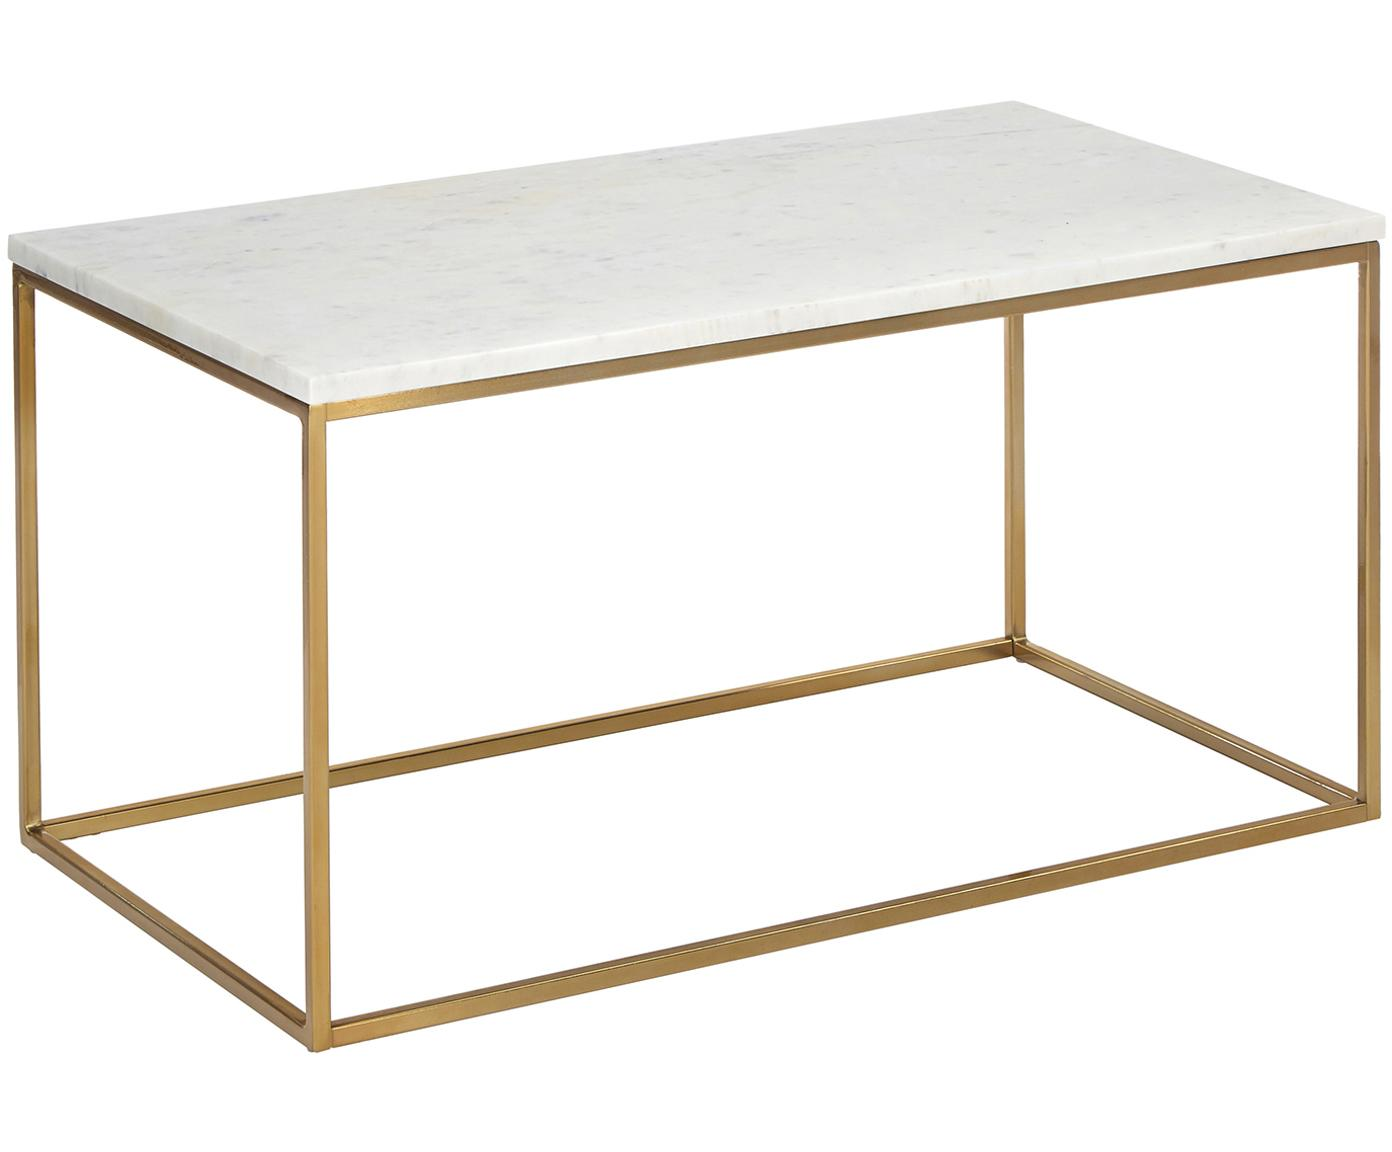 Mesa de centro de mármol Alys, Tablero: mármol natural, Estructura: metal con pintura en polv, Mármol blanco, dorado, An 80 x Al 45 cm